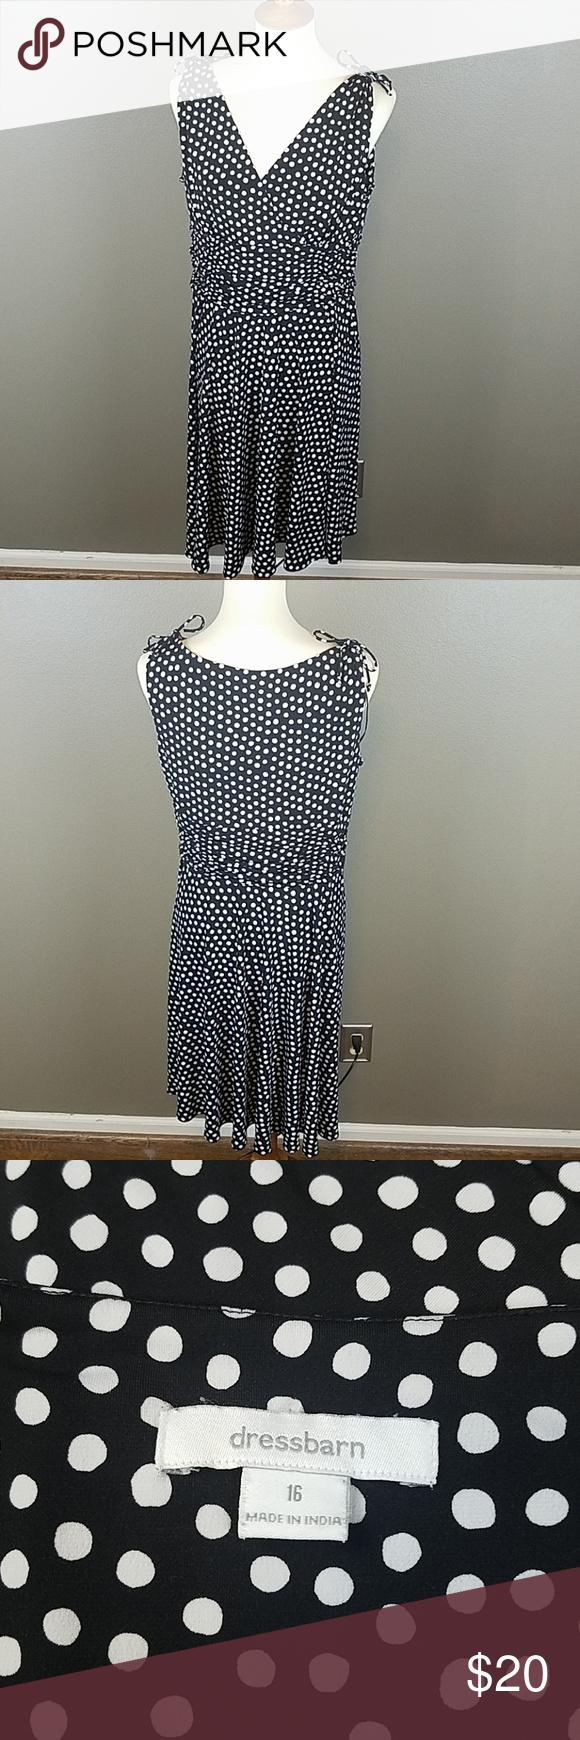 Dressbarn Black White Polka Dots Stretchy Dress Stretchy Dress Dressbarn Stretchy [ 1740 x 580 Pixel ]